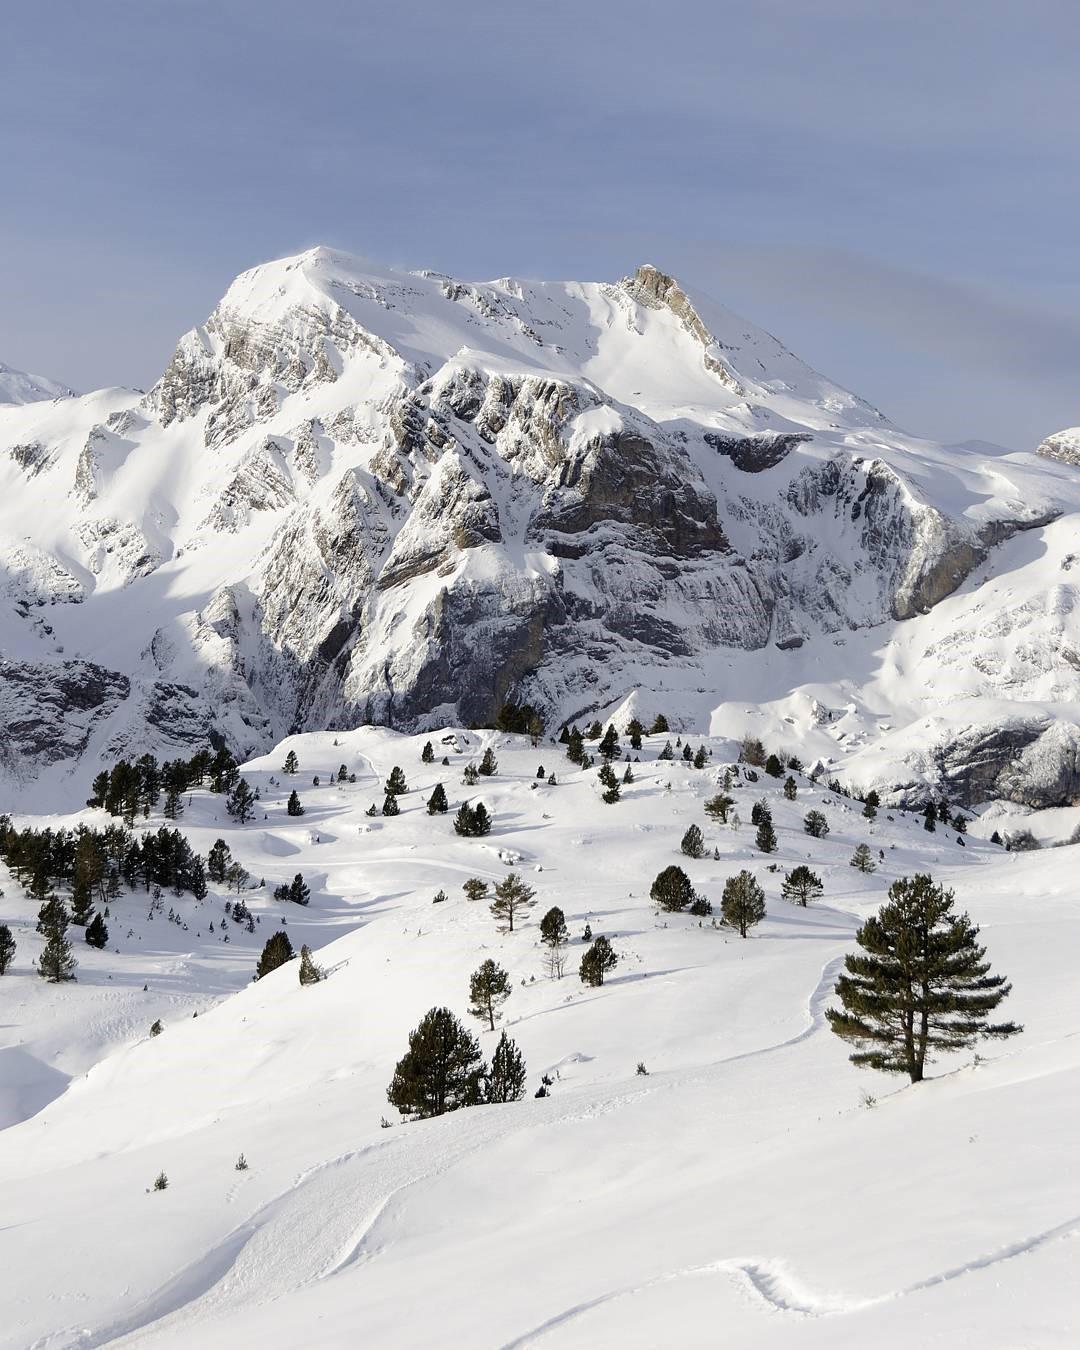 Fotografía montaña Pirineos by @a_girona